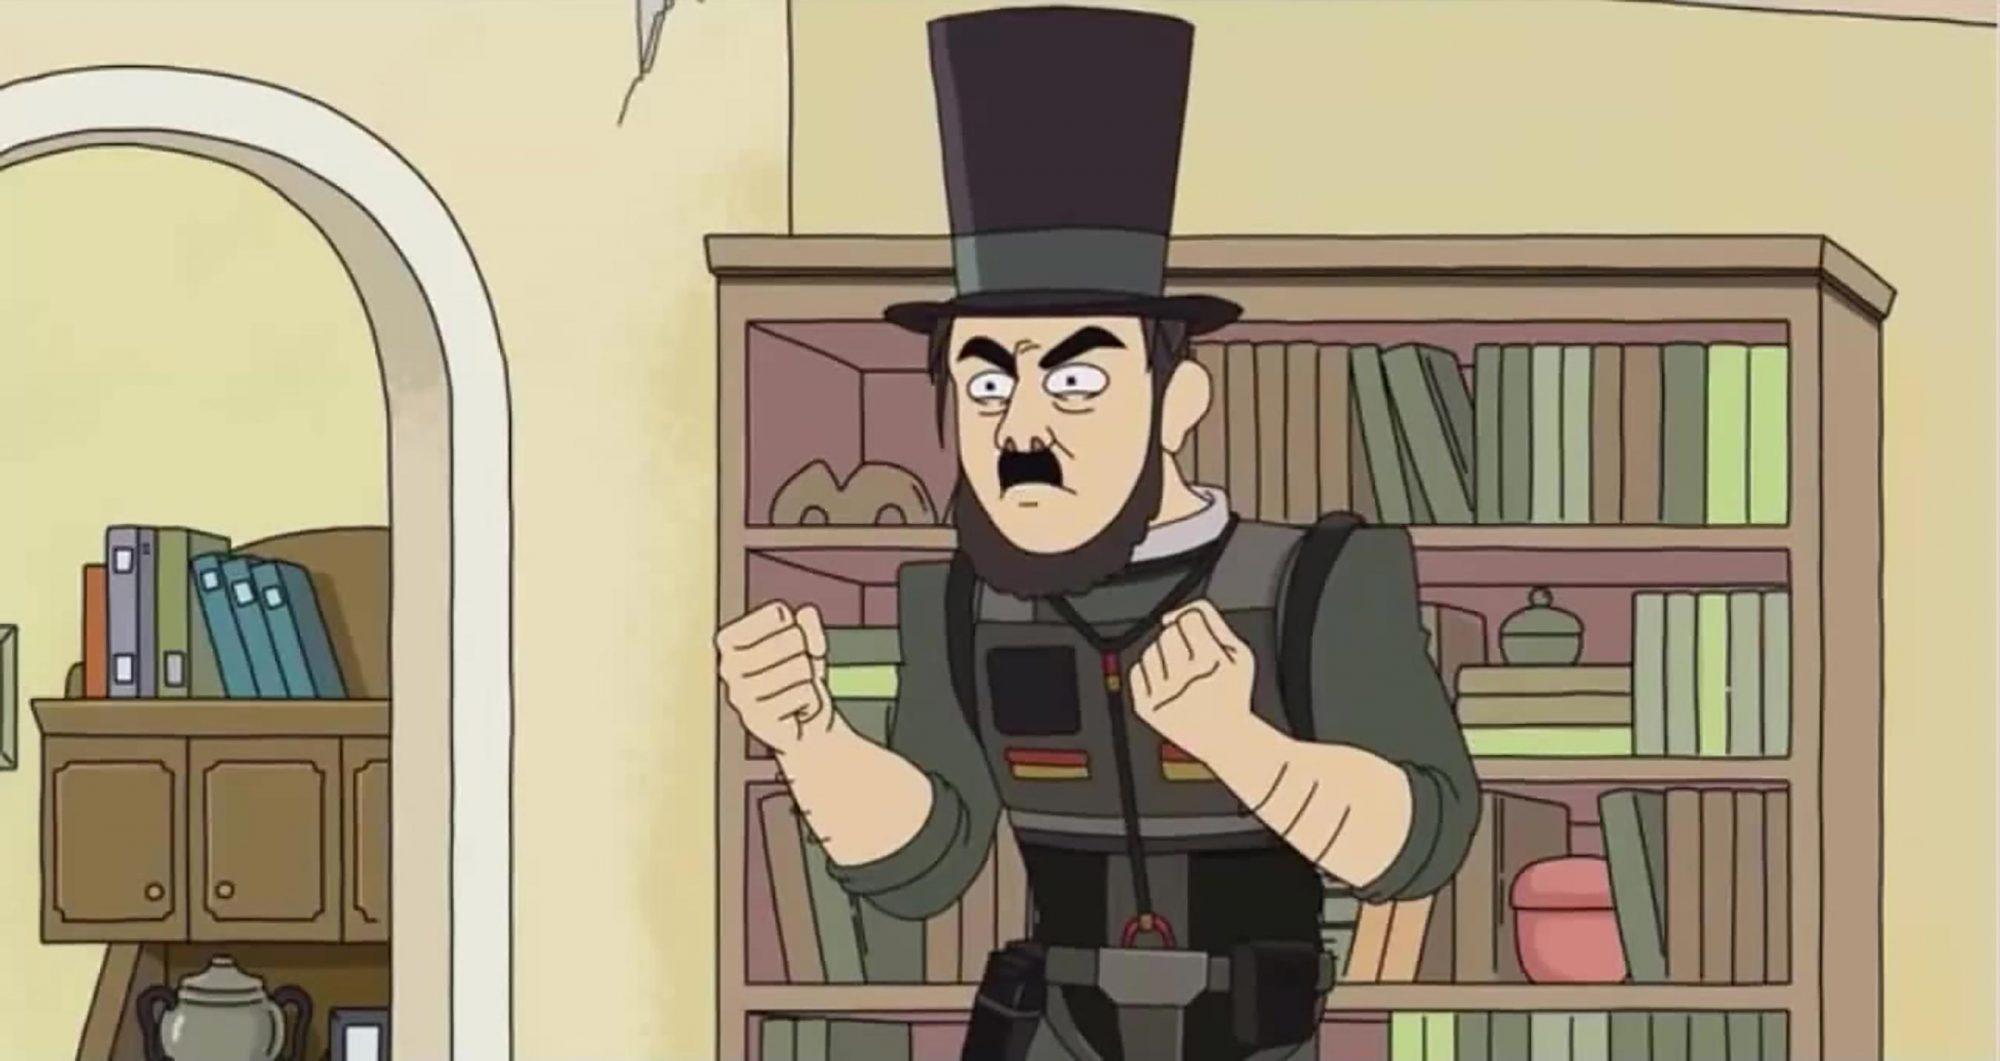 Ricky and Morty - Abradolf Lincler (Season 1, Episode 2)